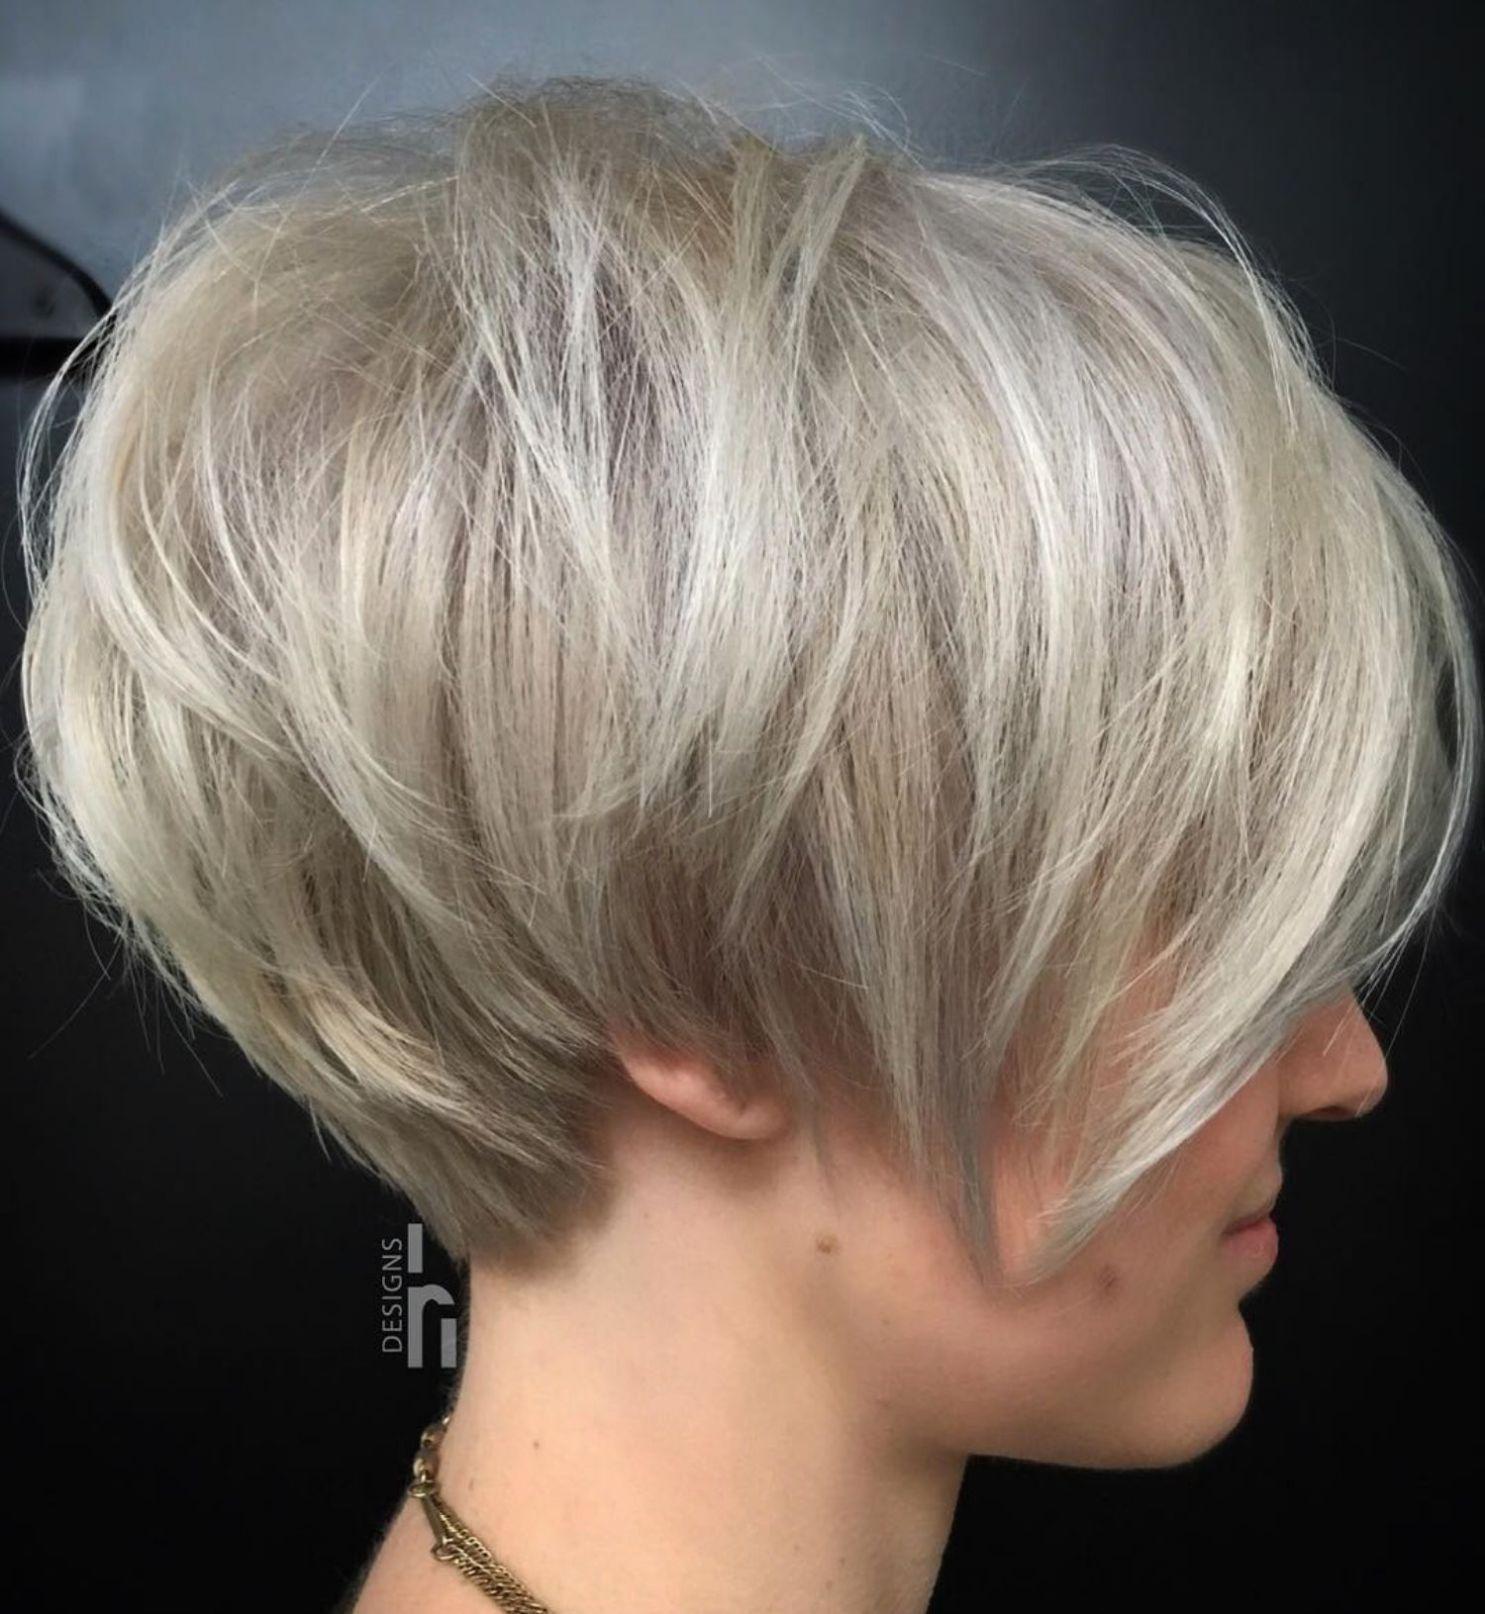 Gorgeous Long Pixie Hairstyles  hair ideas  Pinterest  Hair